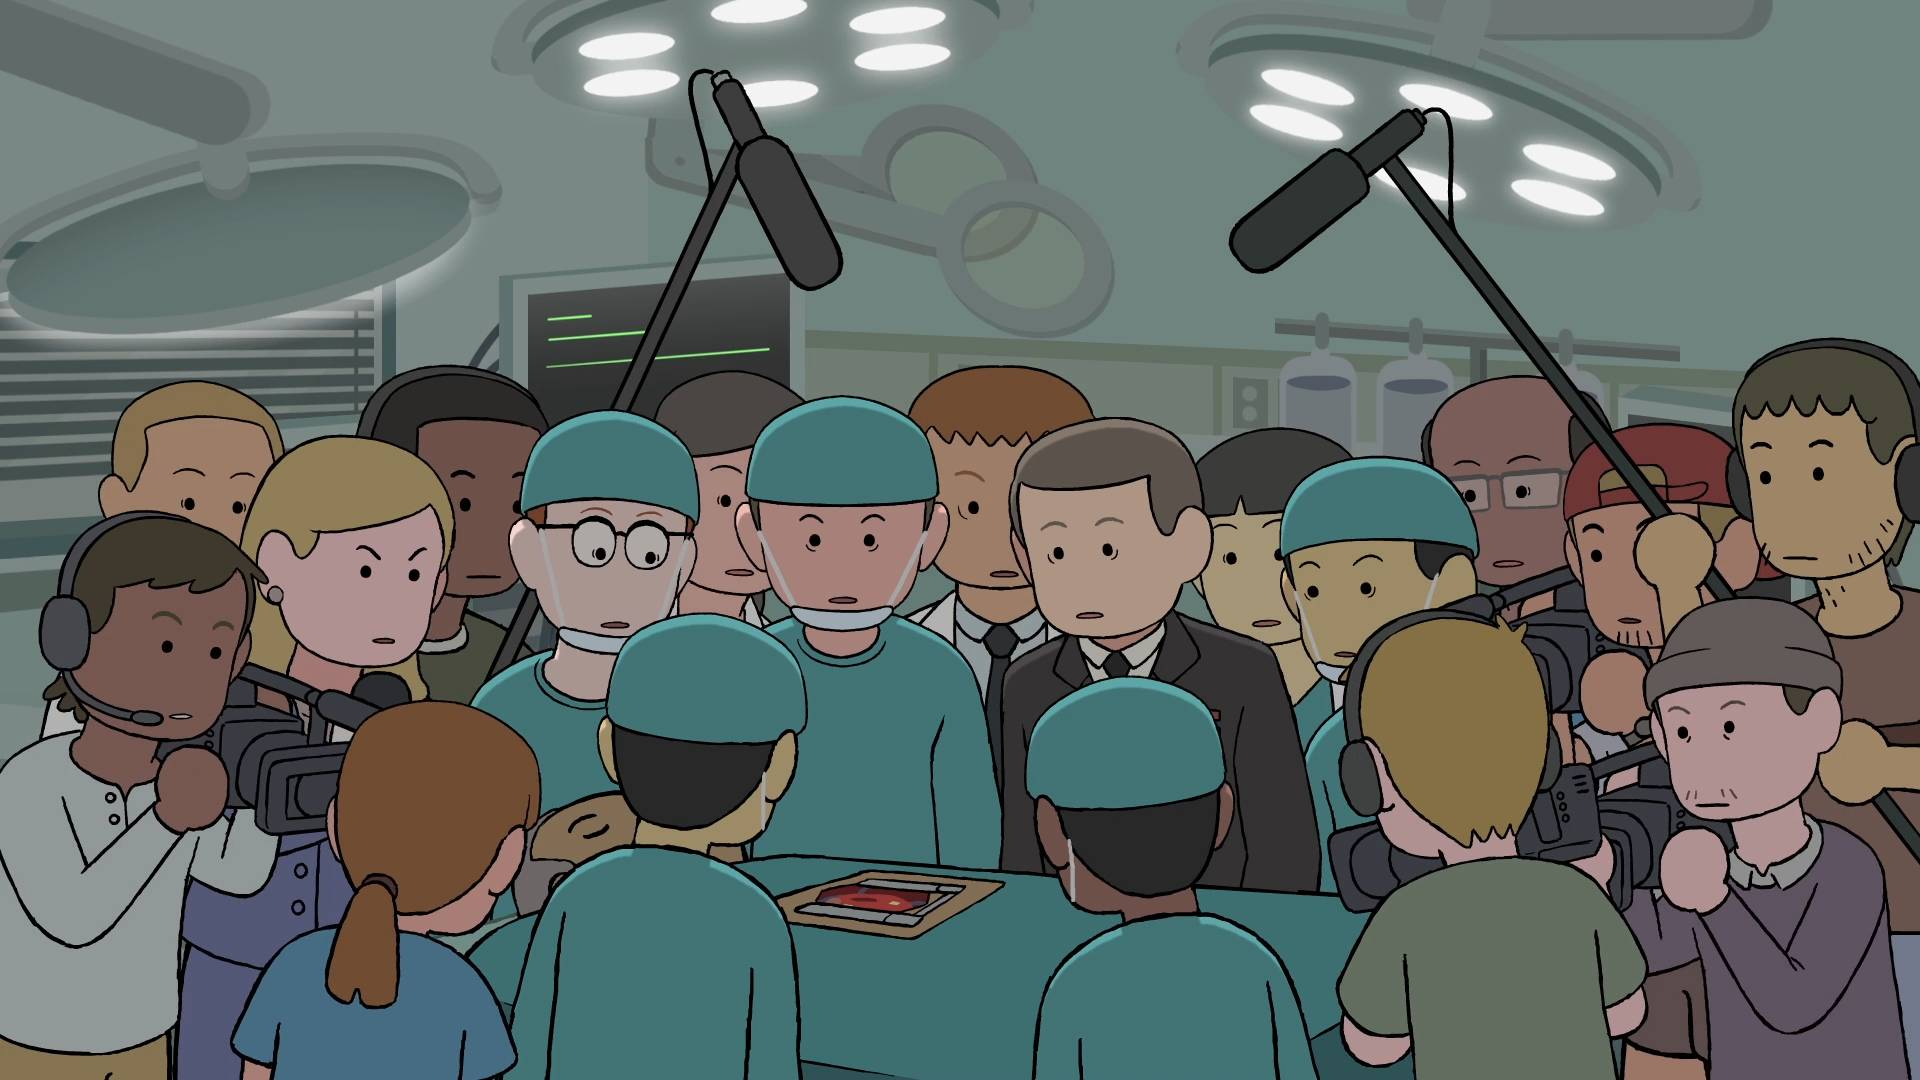 一场攸关性命的手术,竟变成了现场直播,全国上下的观众纷纷打赏围观